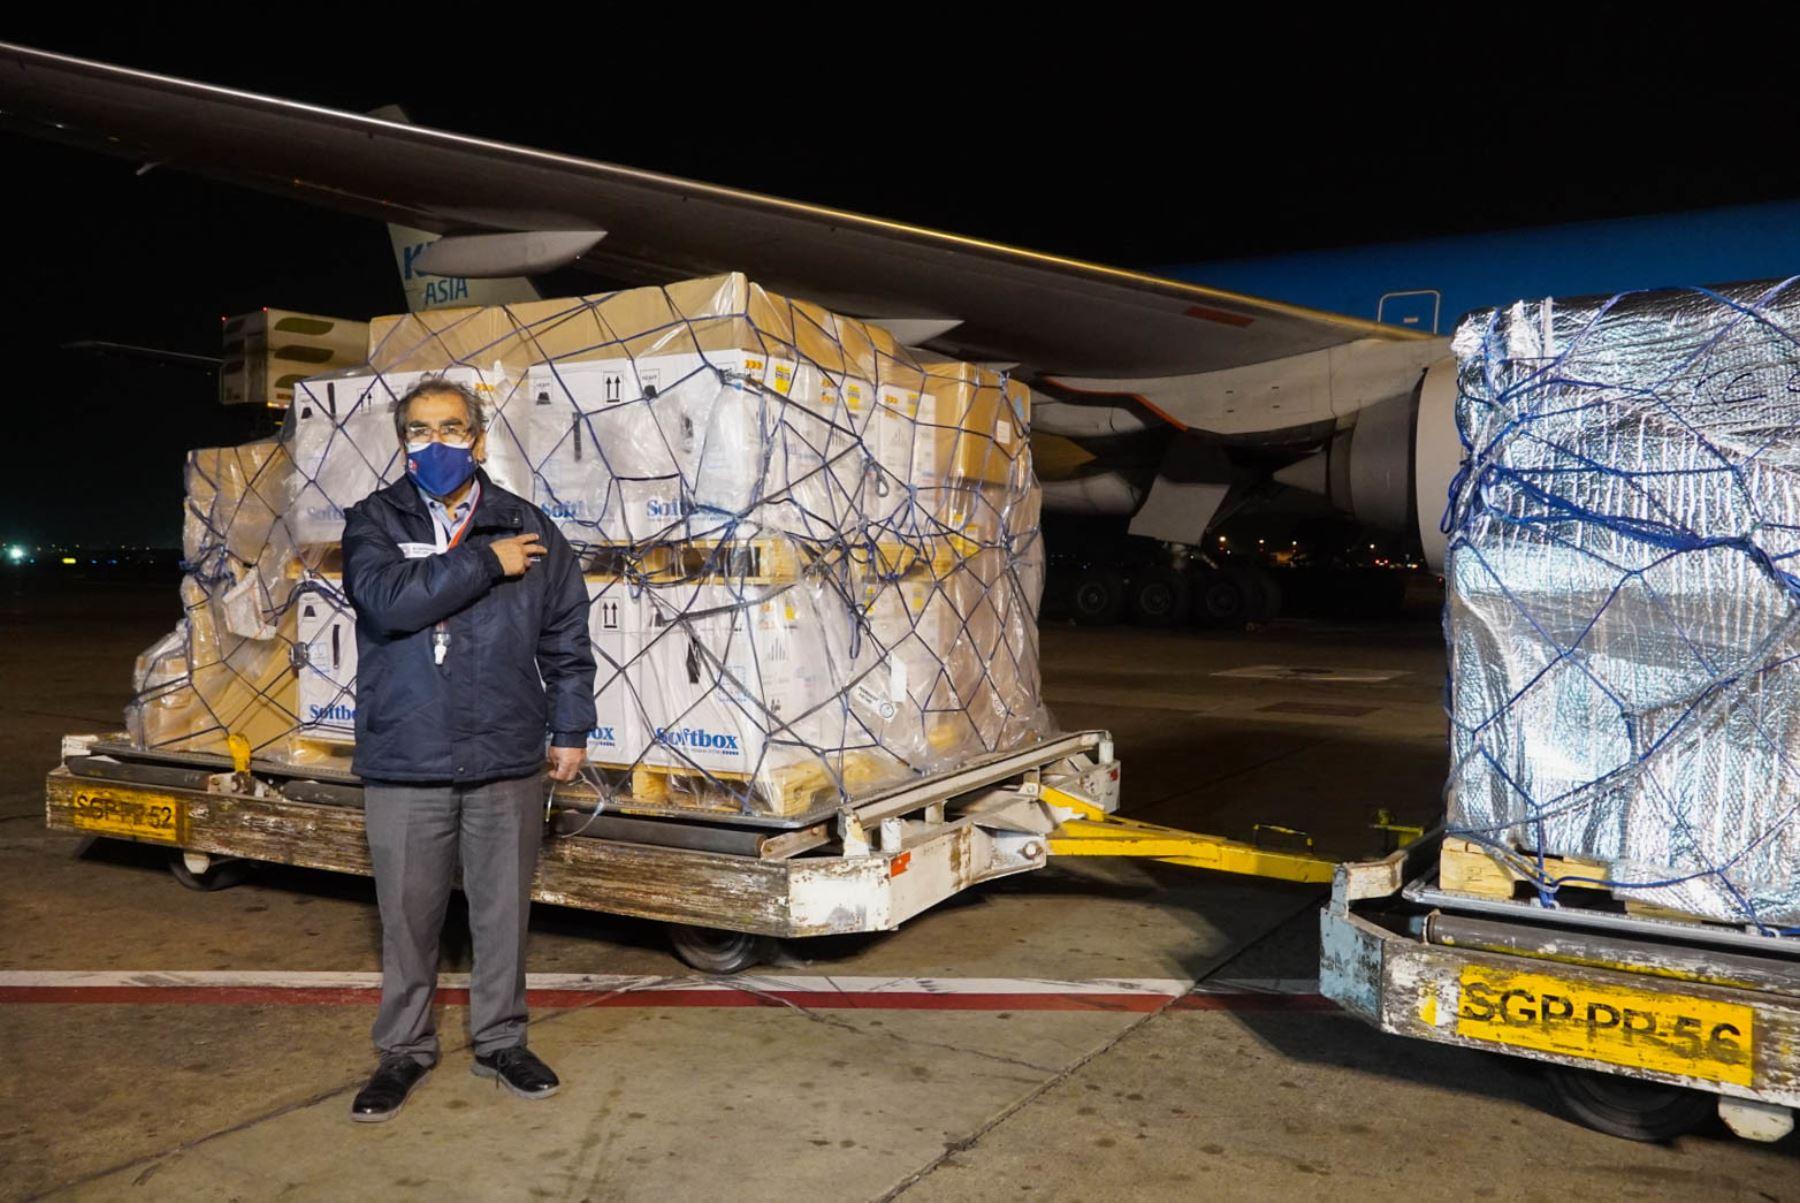 El ministro de Salud, Óscar Ugarte, supervisó el arribo de  nuevo lote de 497 250 dosis de vacunas Pfizer contra la covid-19. Foto: ANDINA/Minsa